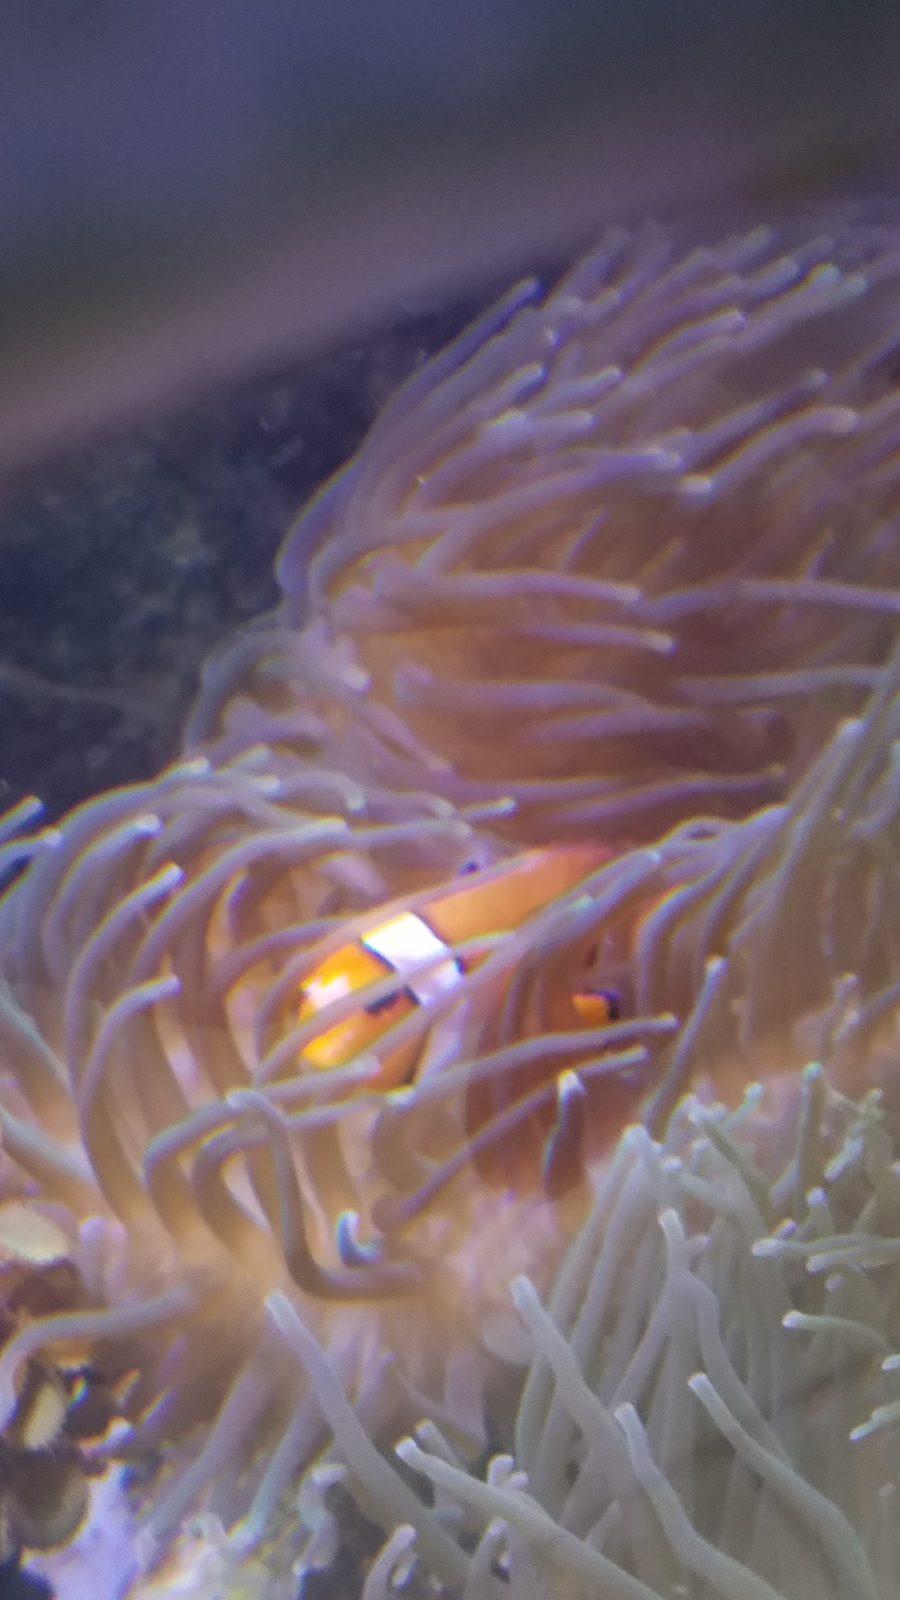 Clownfish's face slowly disintegrating! - Algae, Disease